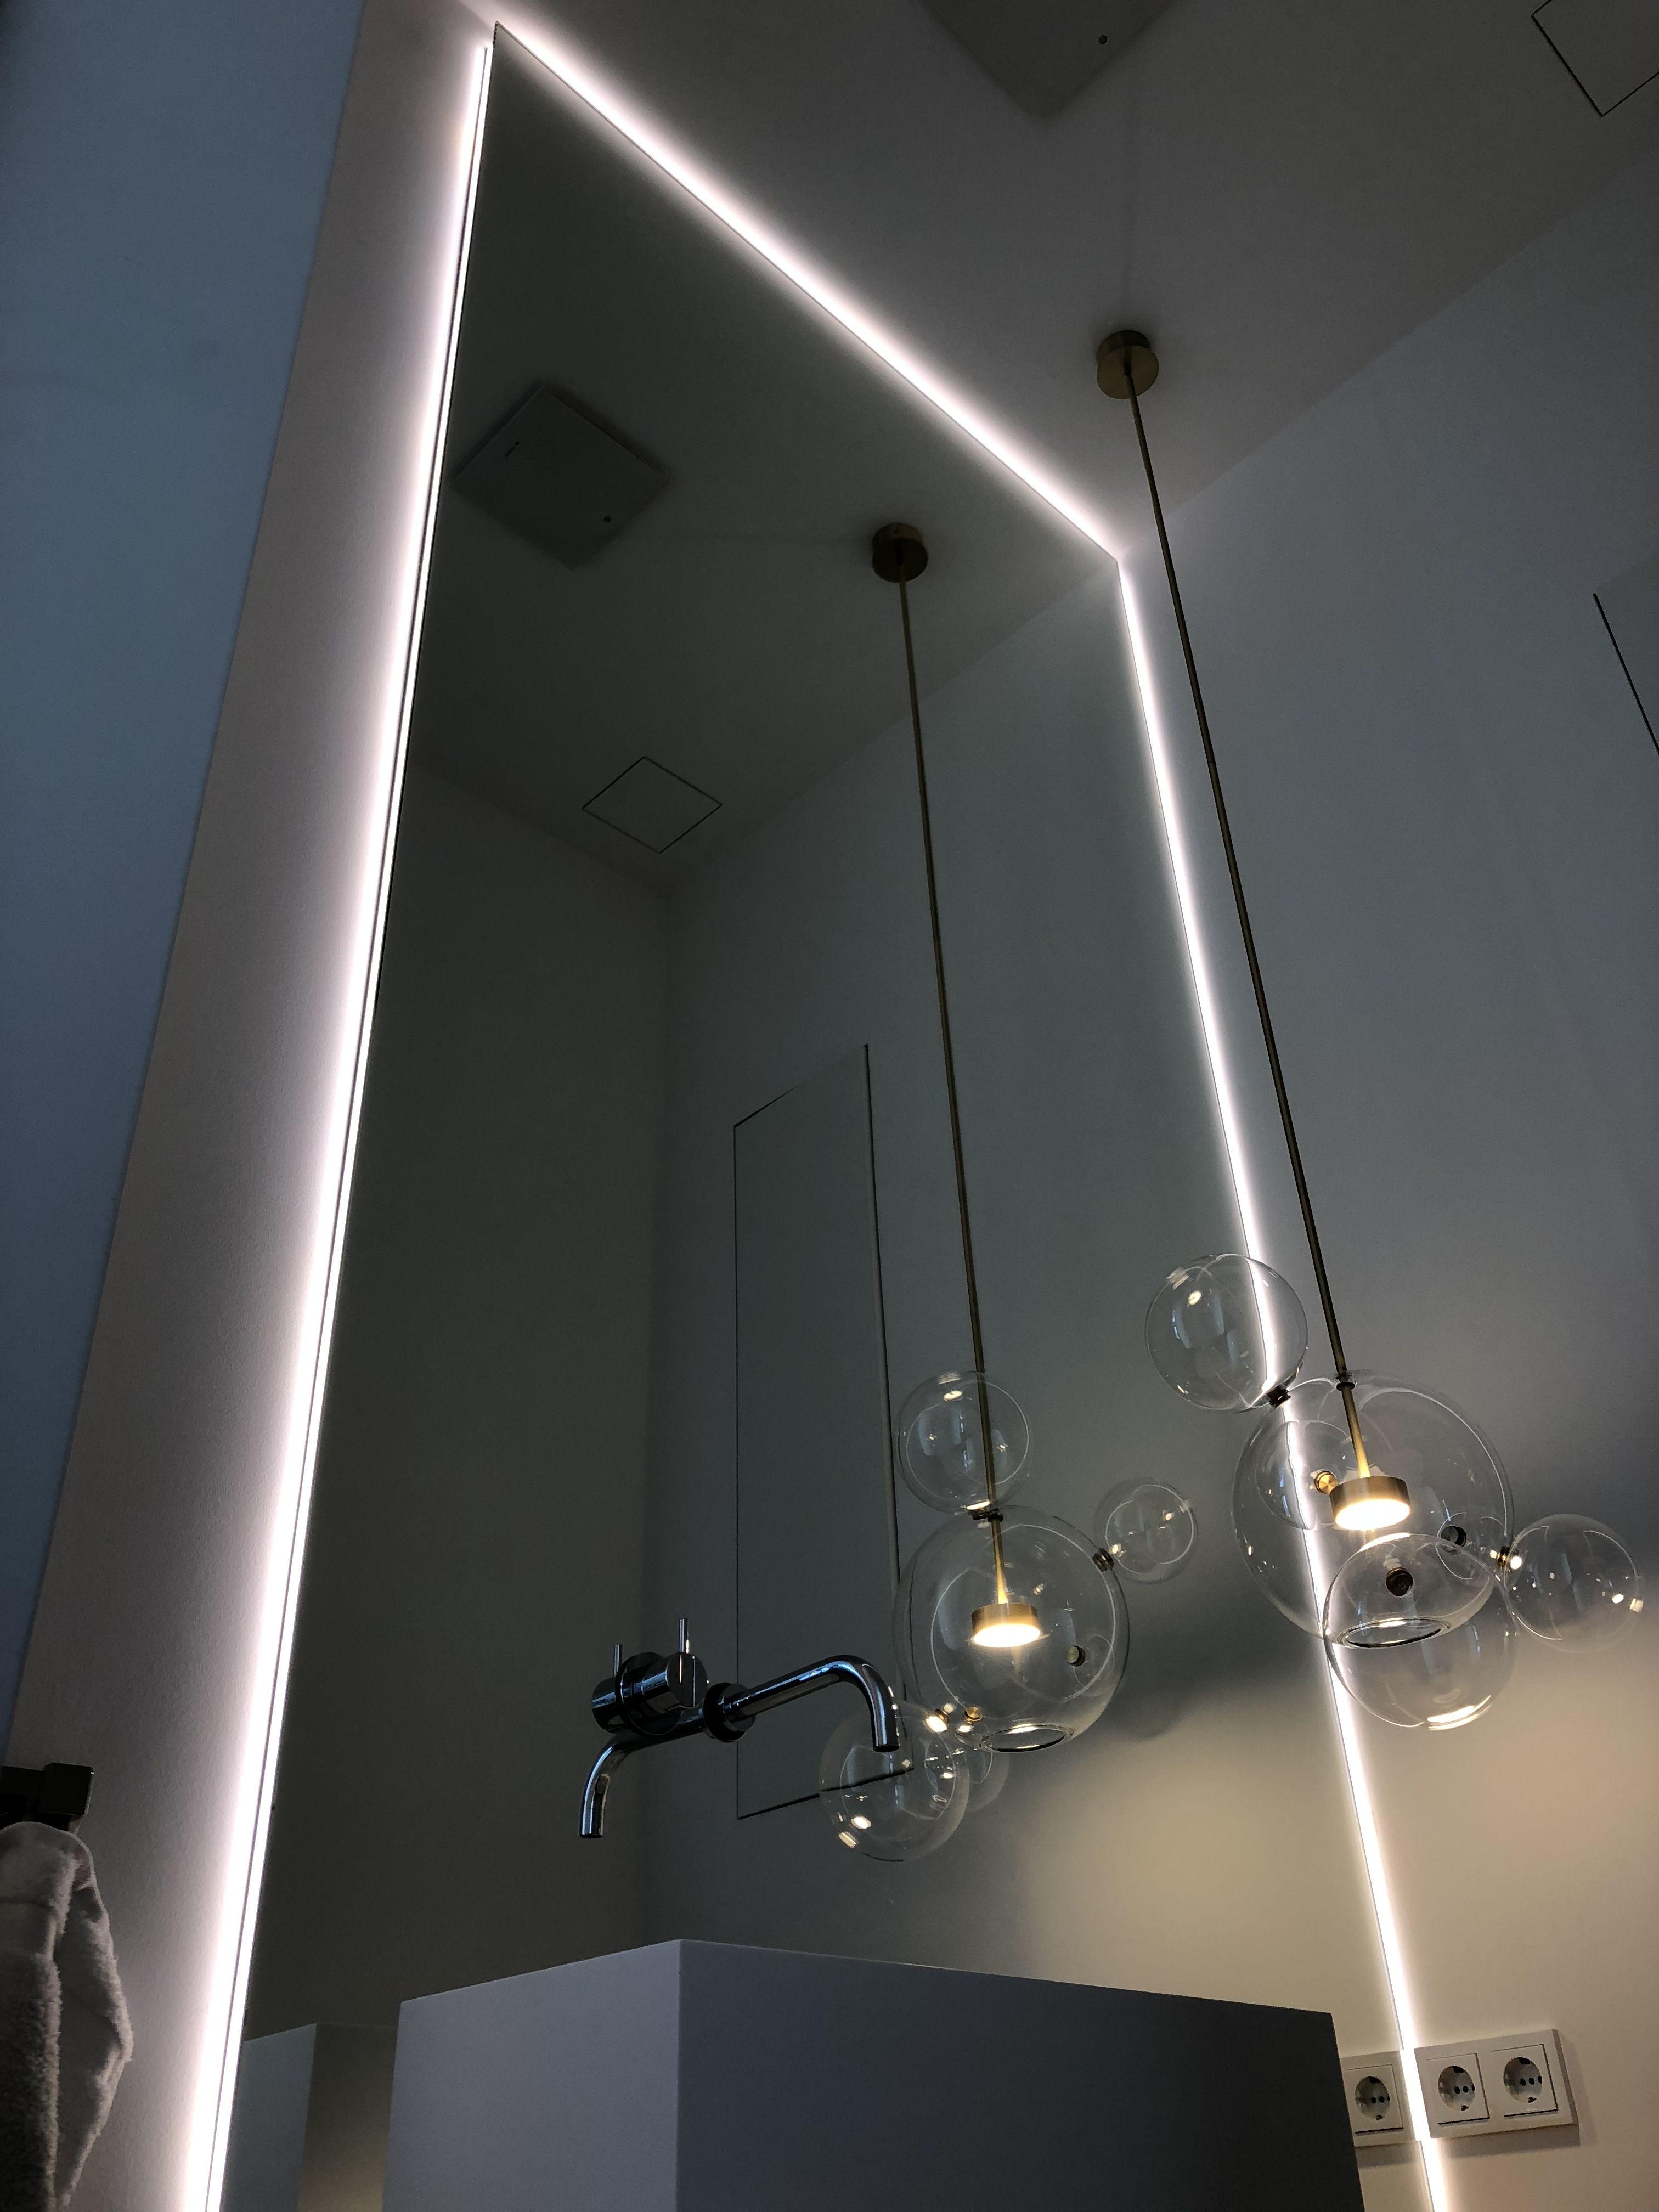 Lux Aqua 3d Effekt Led Beleuchtung Badezimmerspiegel Bad Spiegel Flurspiegel Wandspiegel 60x80cm Fl1243w Silber 60 Cm X 80 Cm X 7 Cm Amazon De Kuche Haushalt